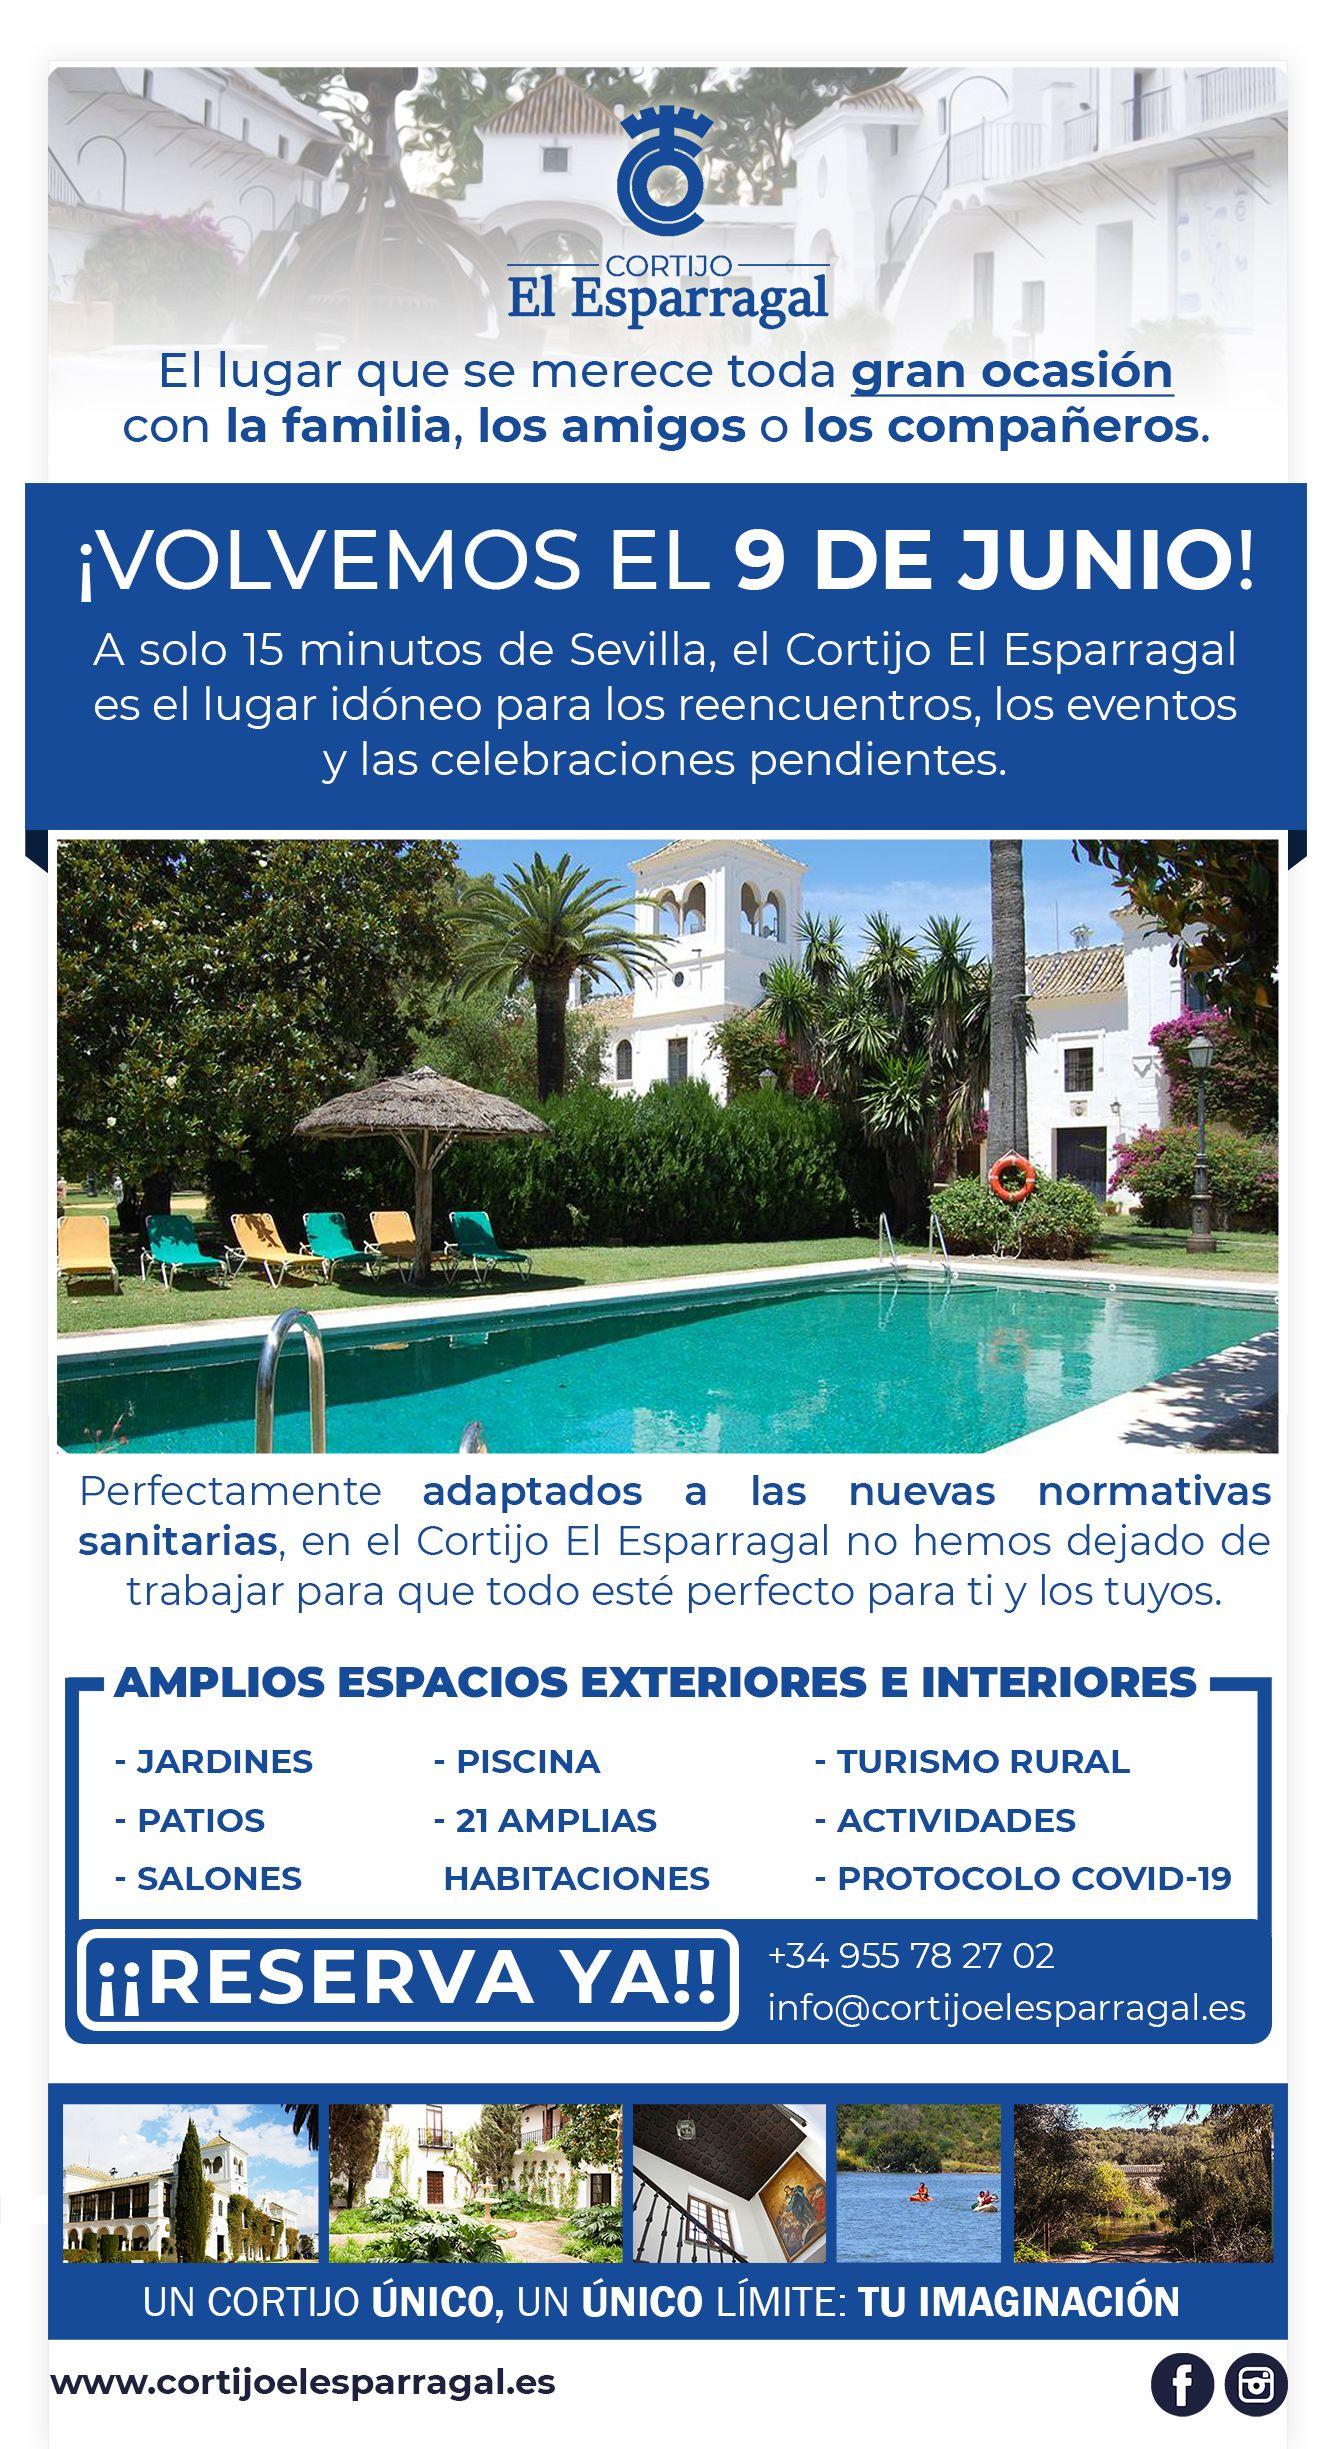 Piscina Sevilla Verano Vacaciones